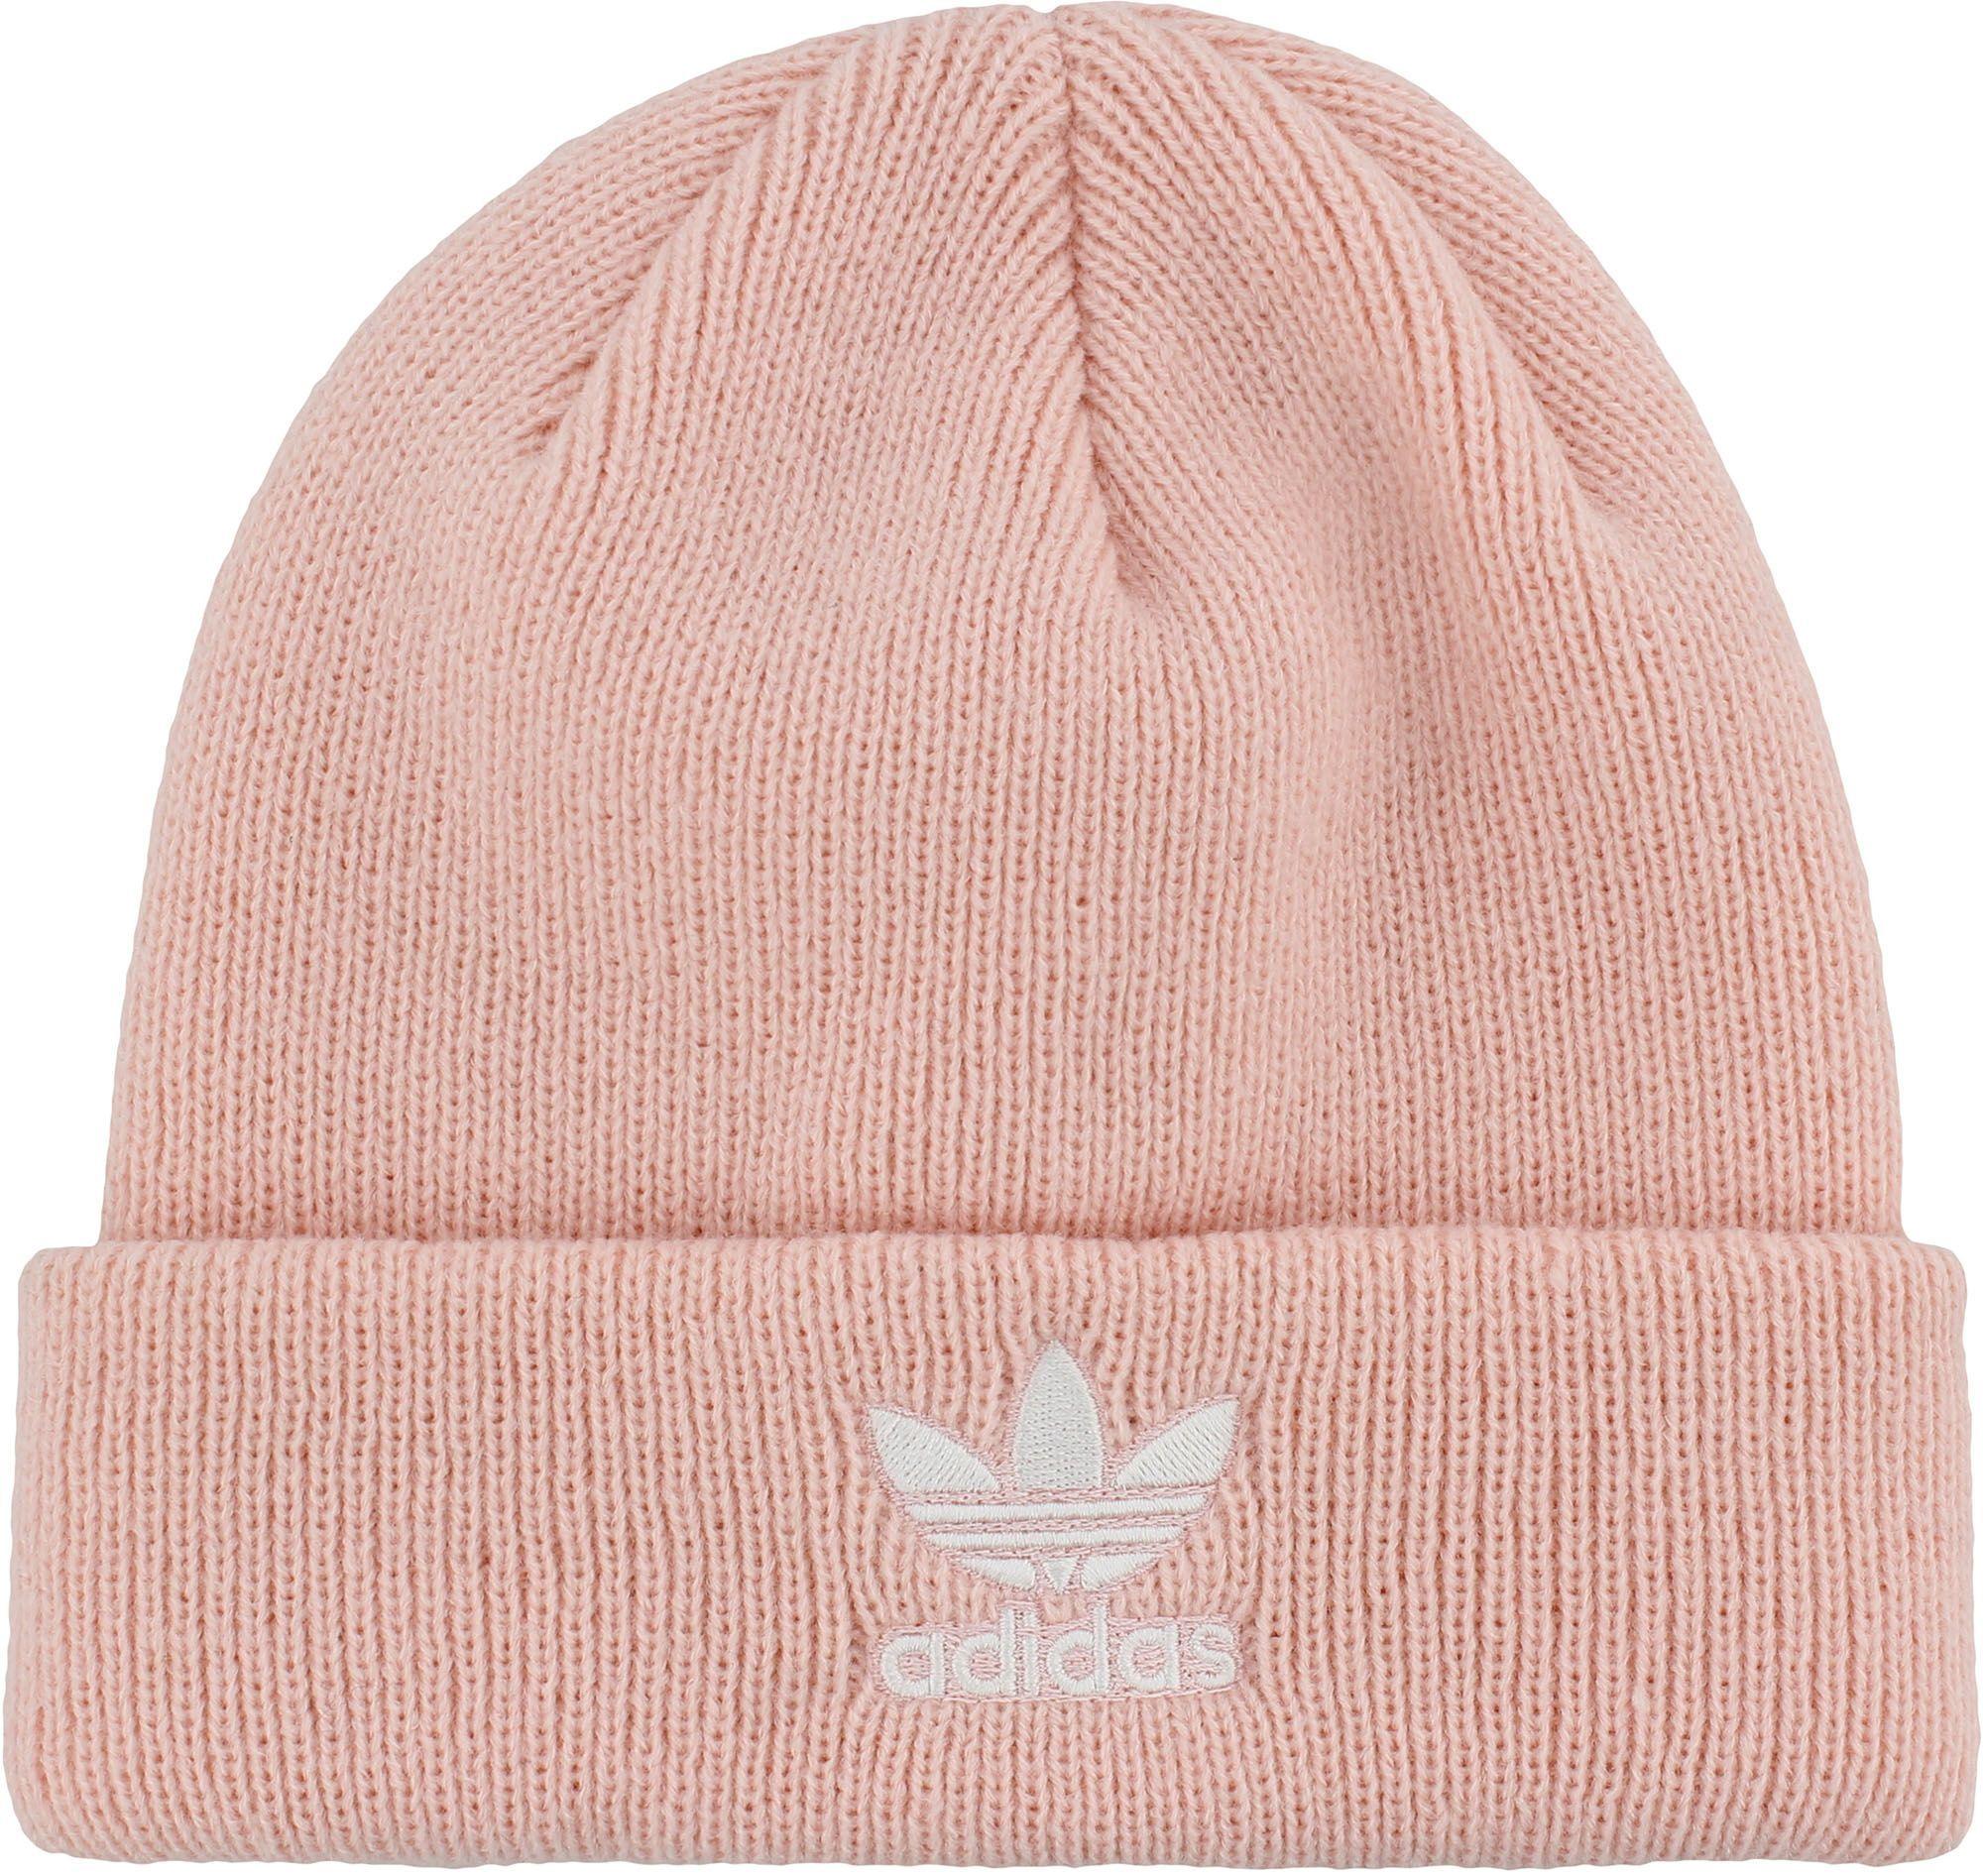 the best attitude 90429 fd364 adidas Originals Men s Trefoil Beanie, Icey Pink White